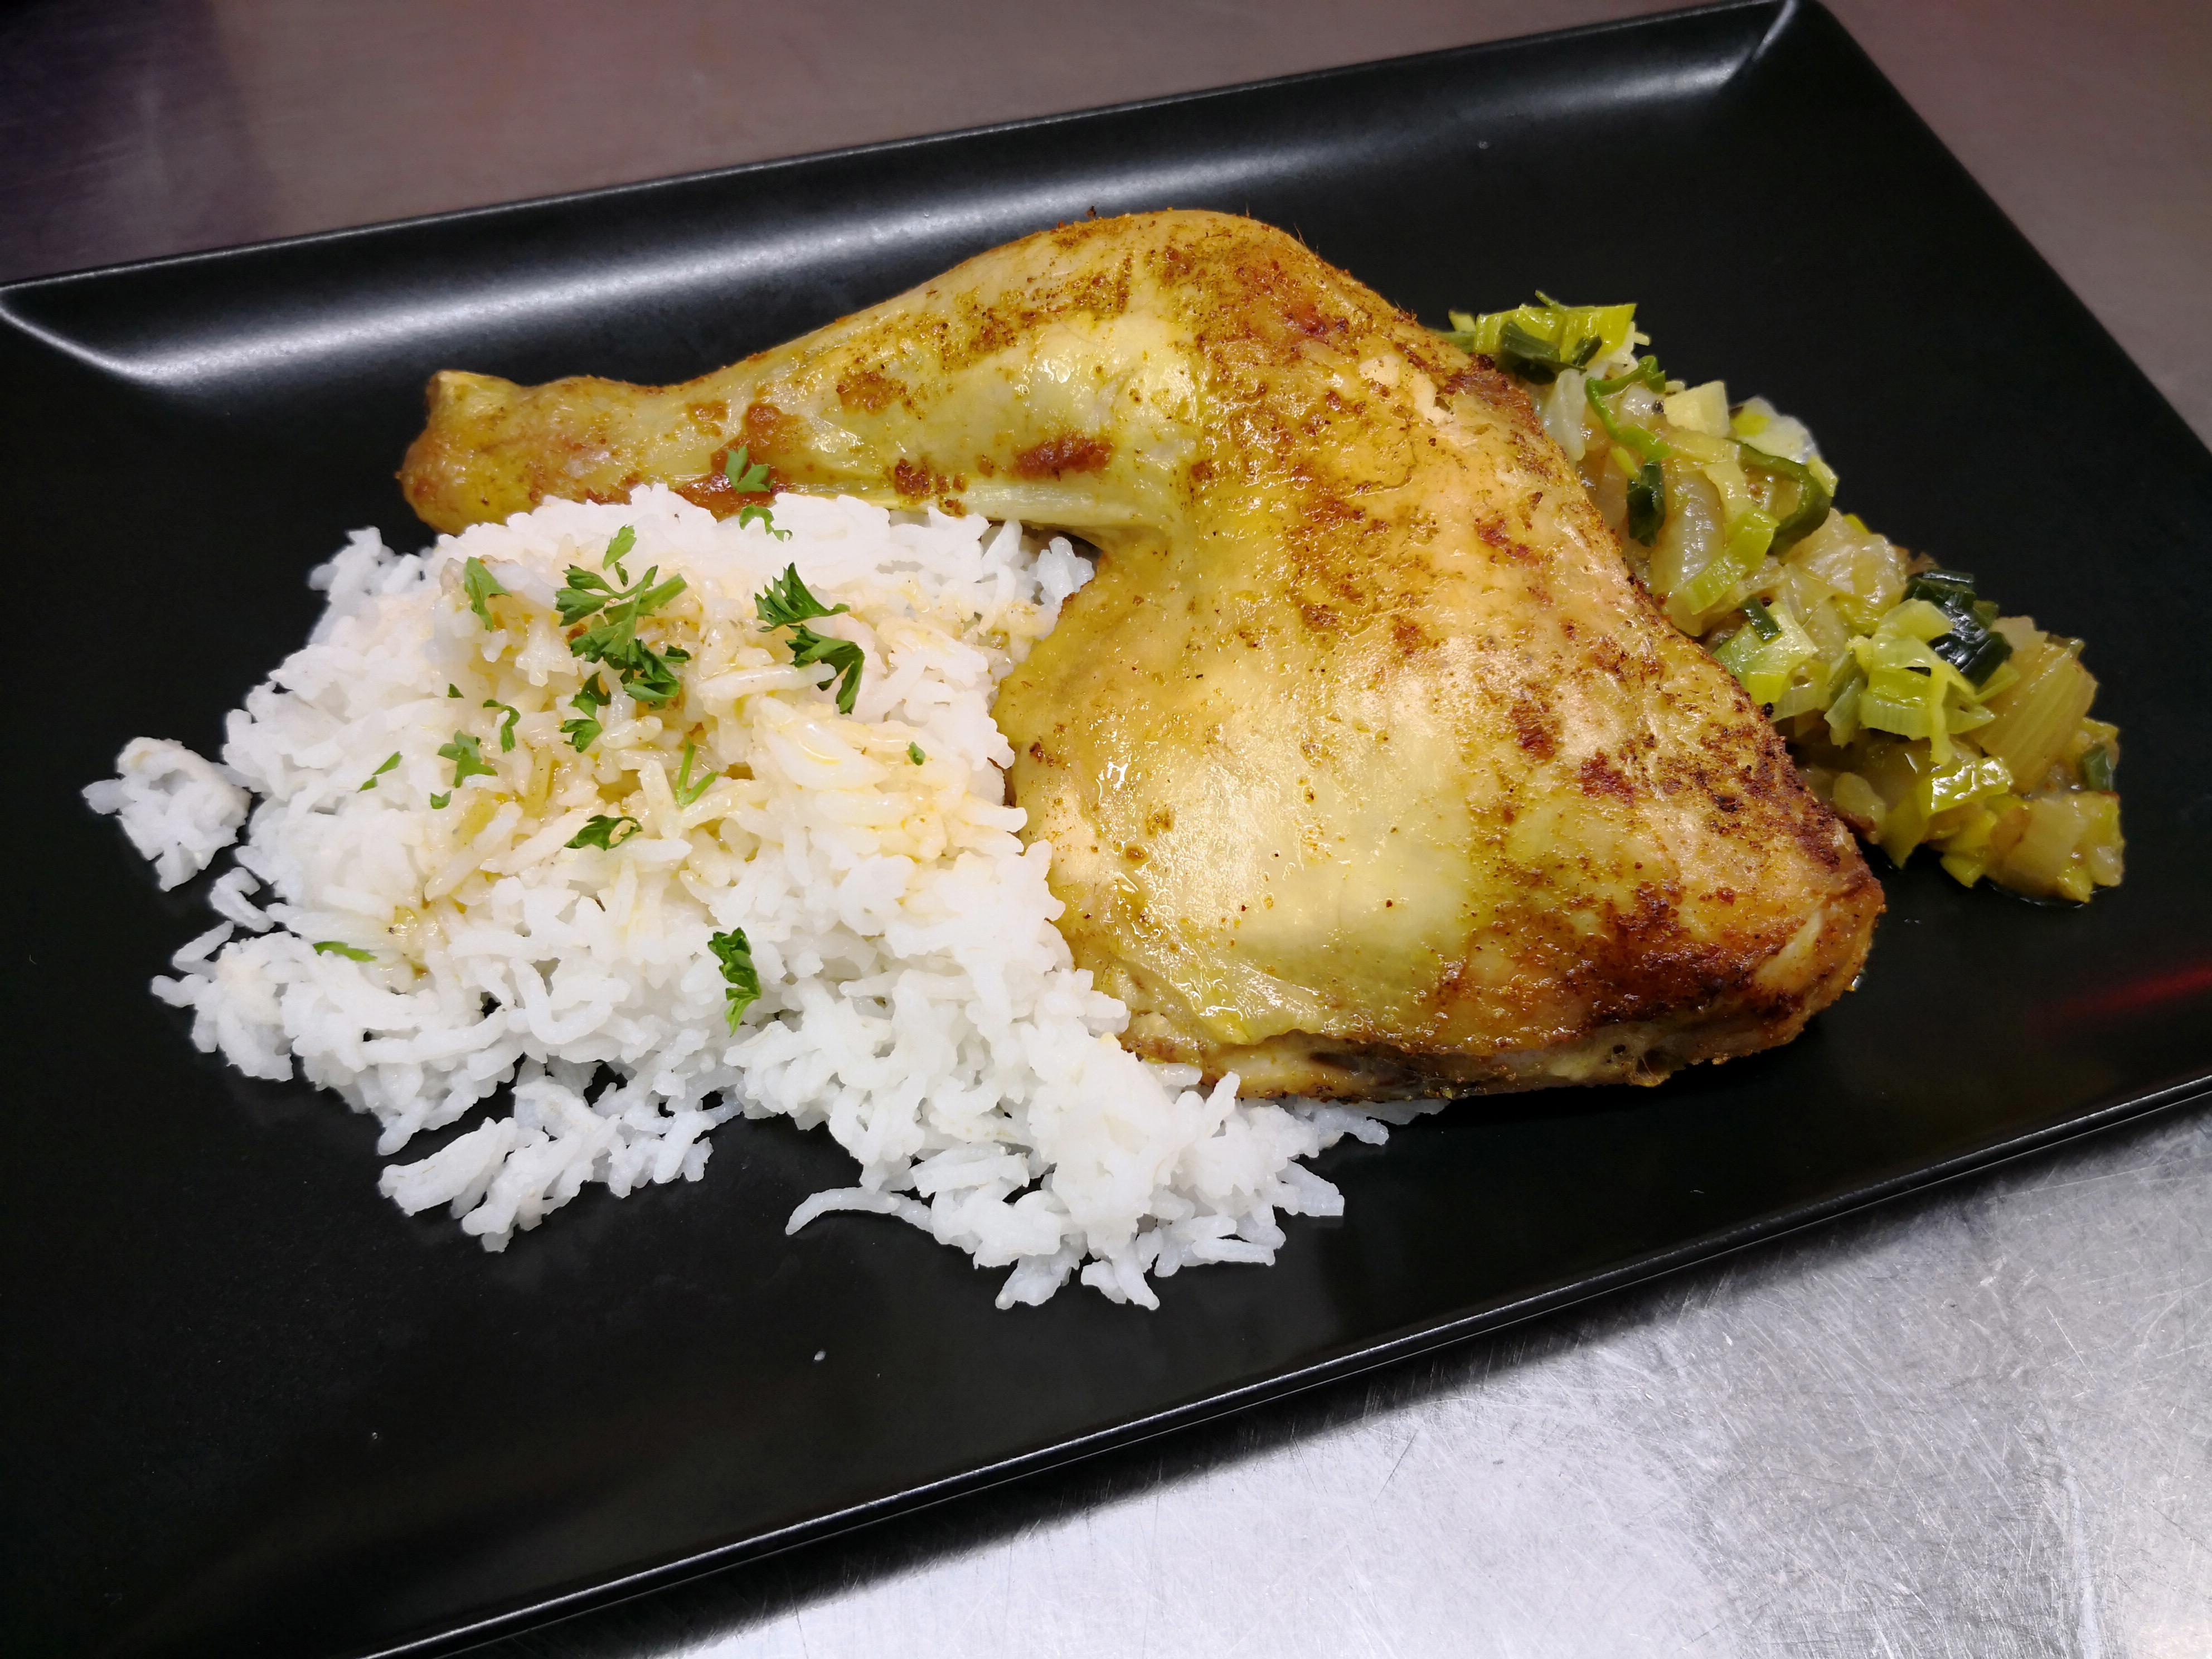 cuisse de poulet grillée, riz